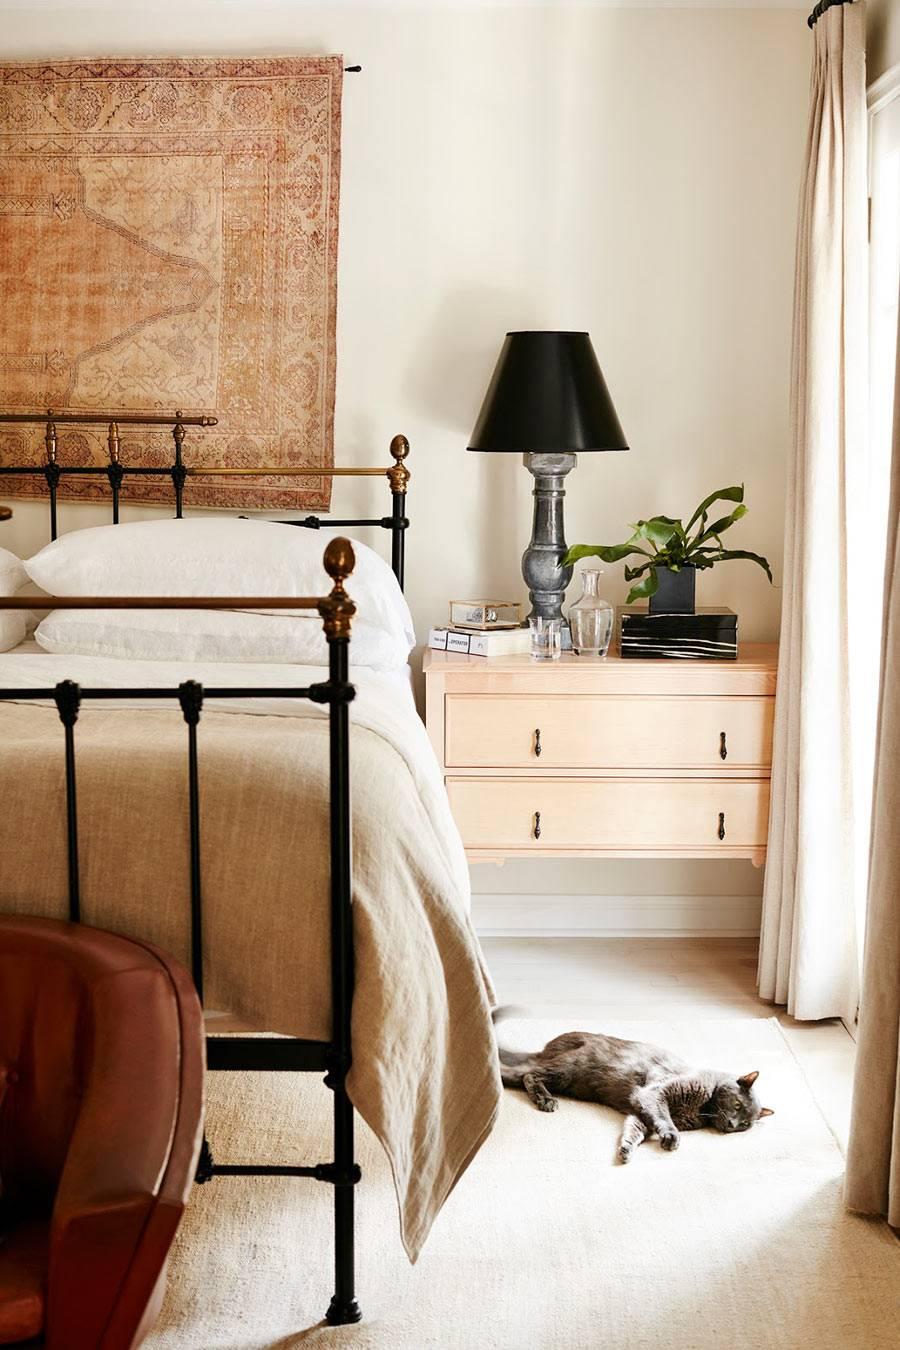 Уютный интерьер спальни в бежевой гамме с ковром на стене